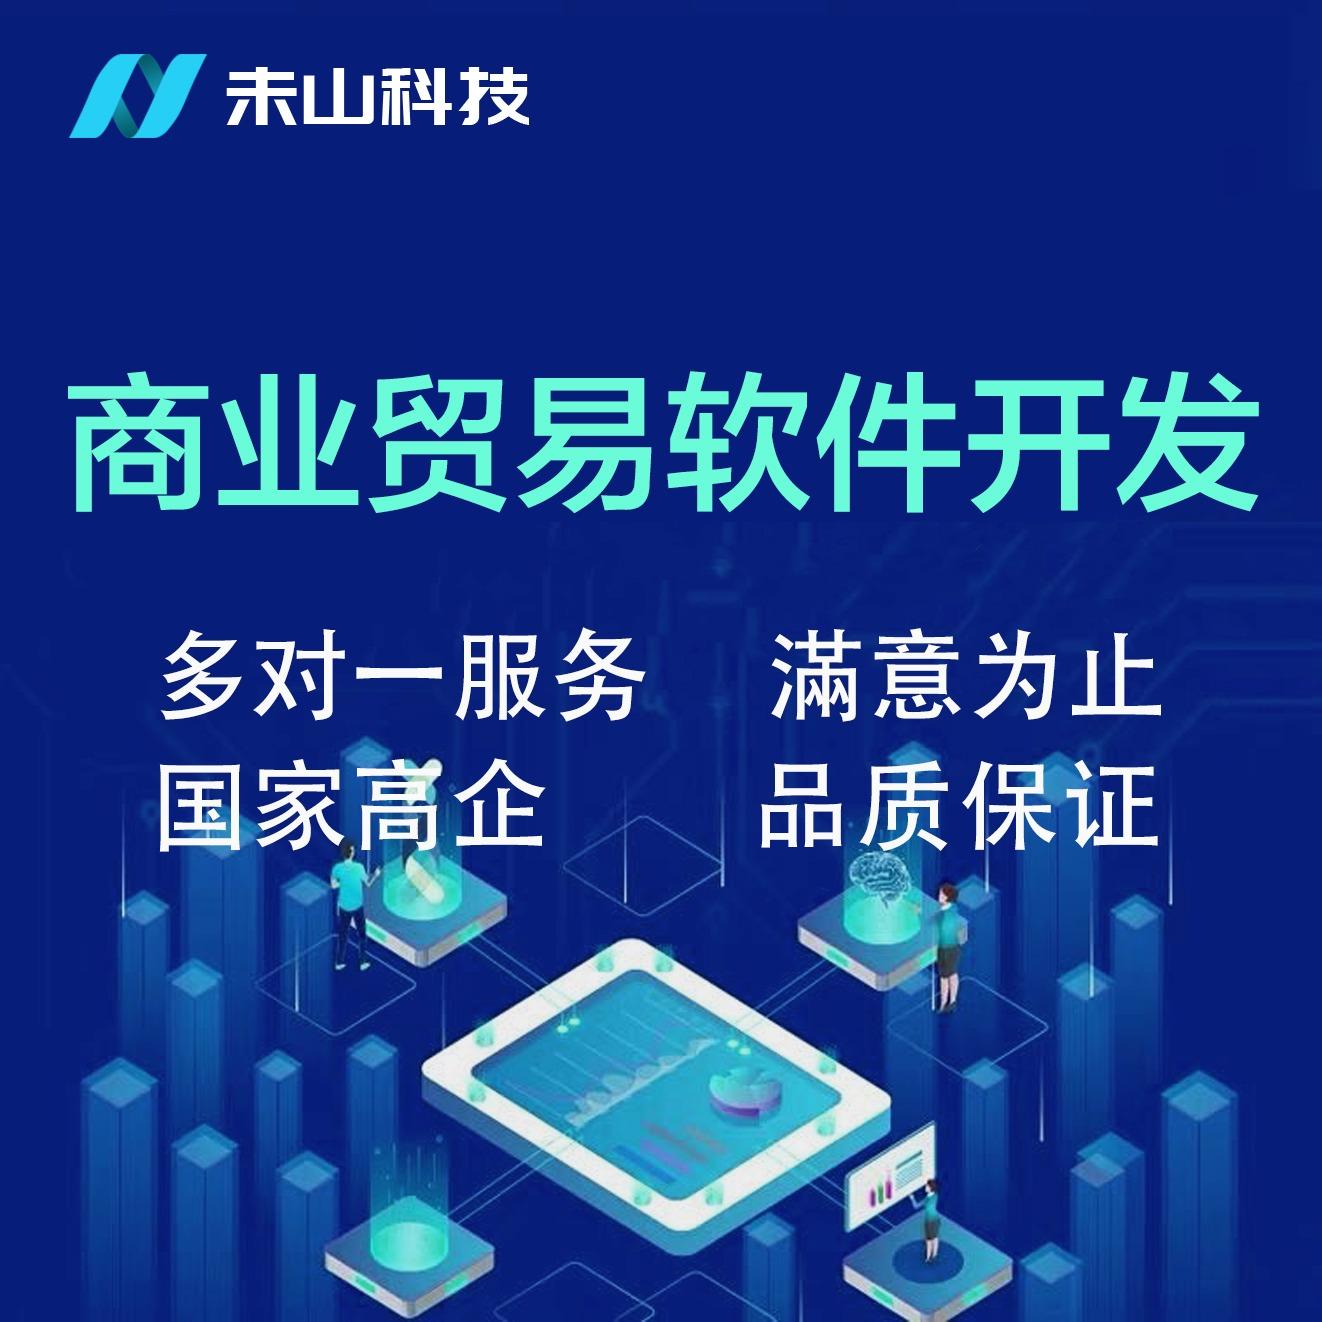 商业贸易软件/百货超市分店管理/收银运输分销软件python